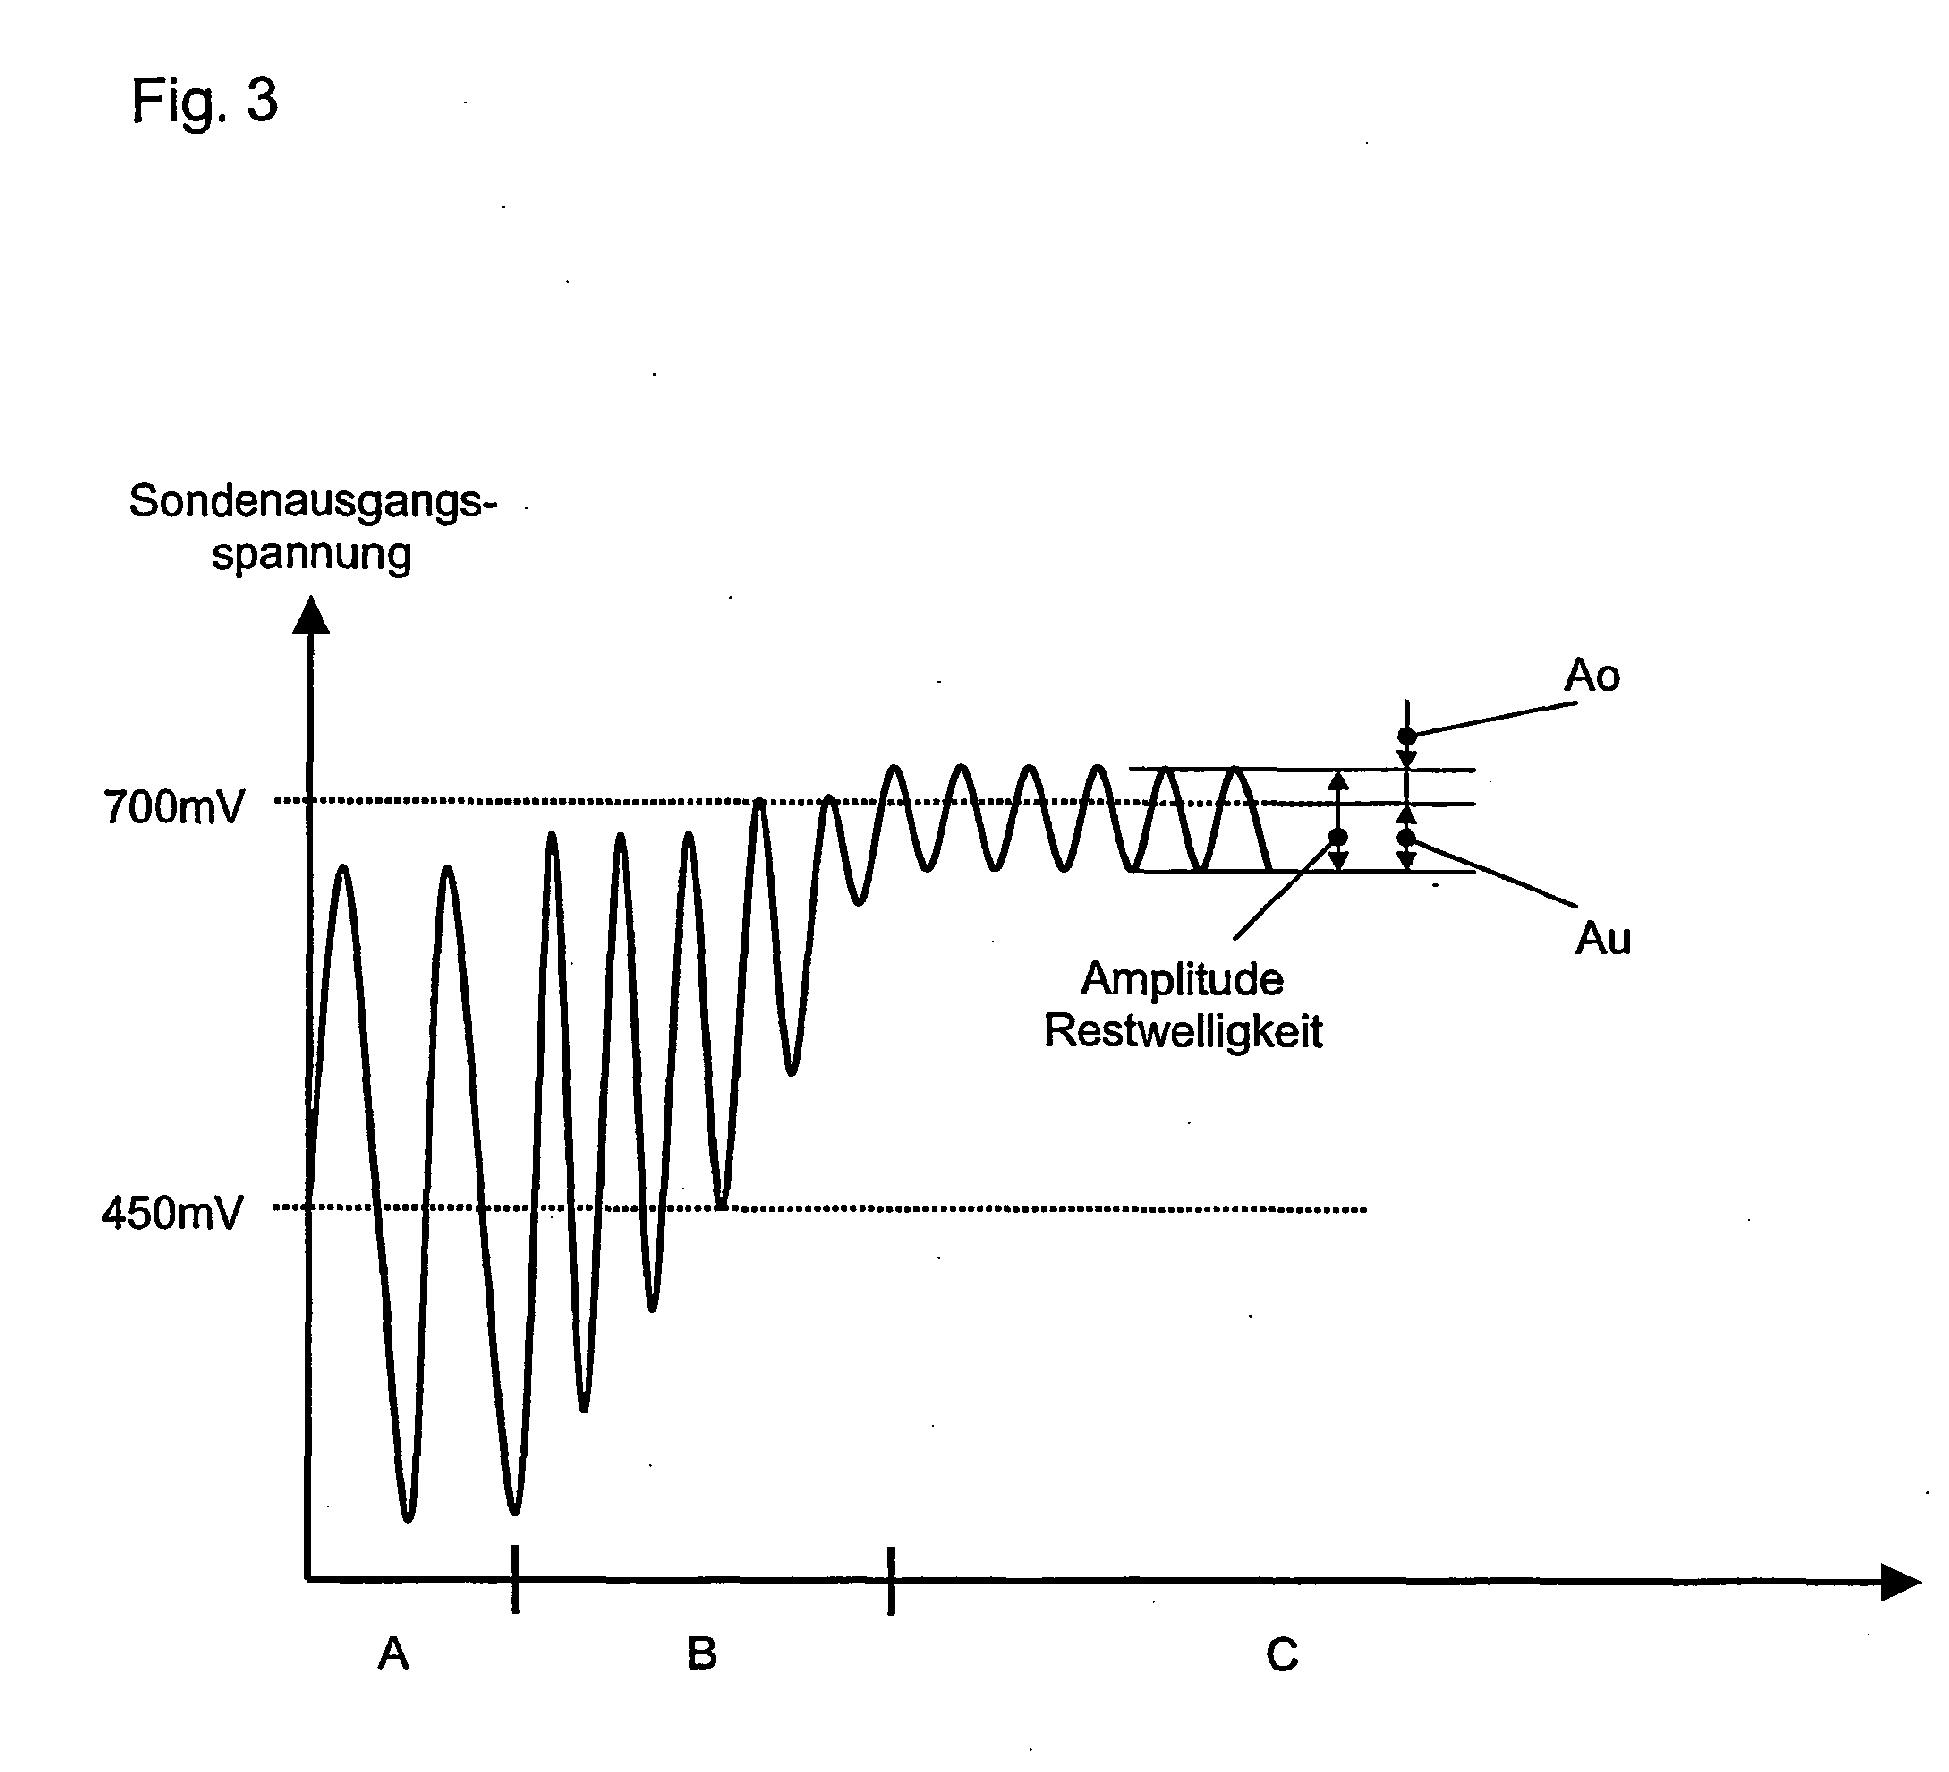 Einstellen des rsi-Indikators auf die Binäroptionen des Minutendiagramms